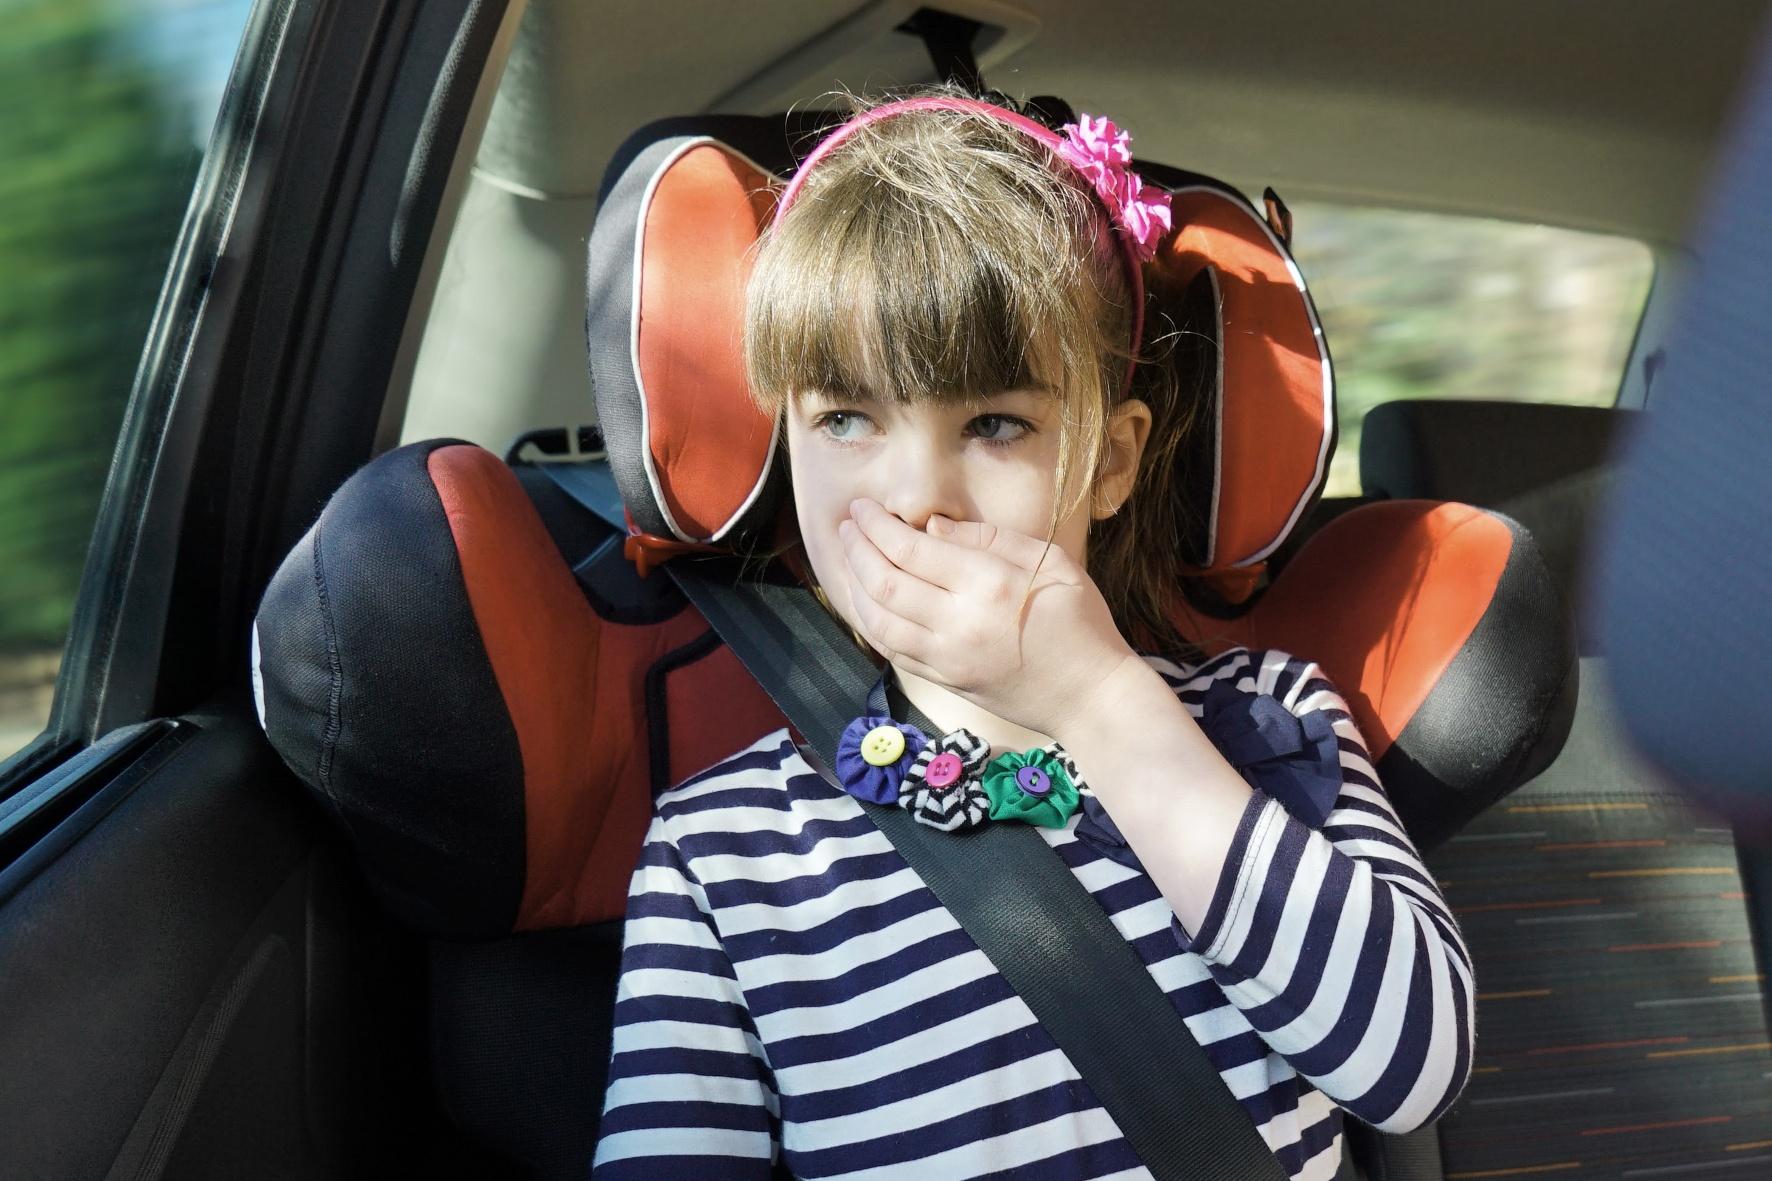 Übelkeit im Auto: Jeder Fünfte ist betroffen